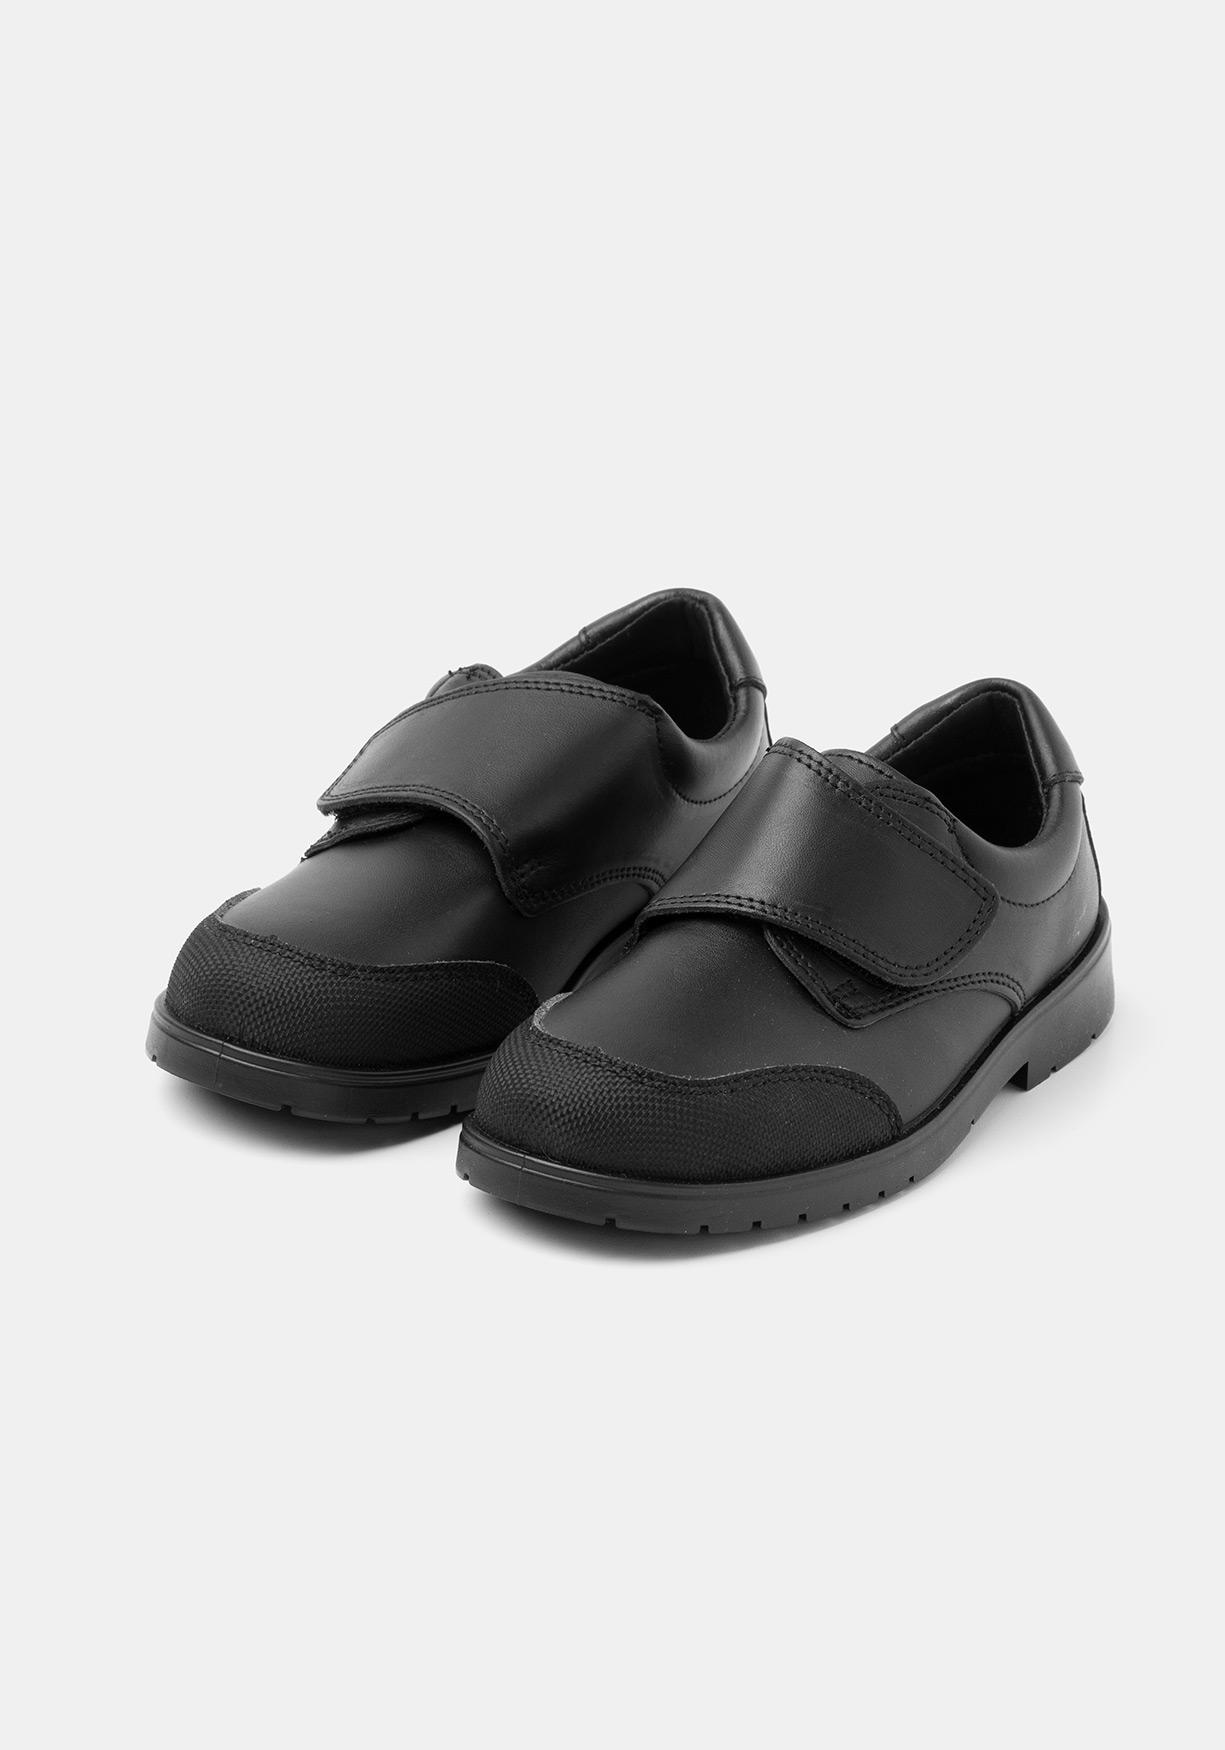 0755faa87d0 Comprar Zapatos colegiales de piel lavables TEX (Tallas 31 a 40 ...